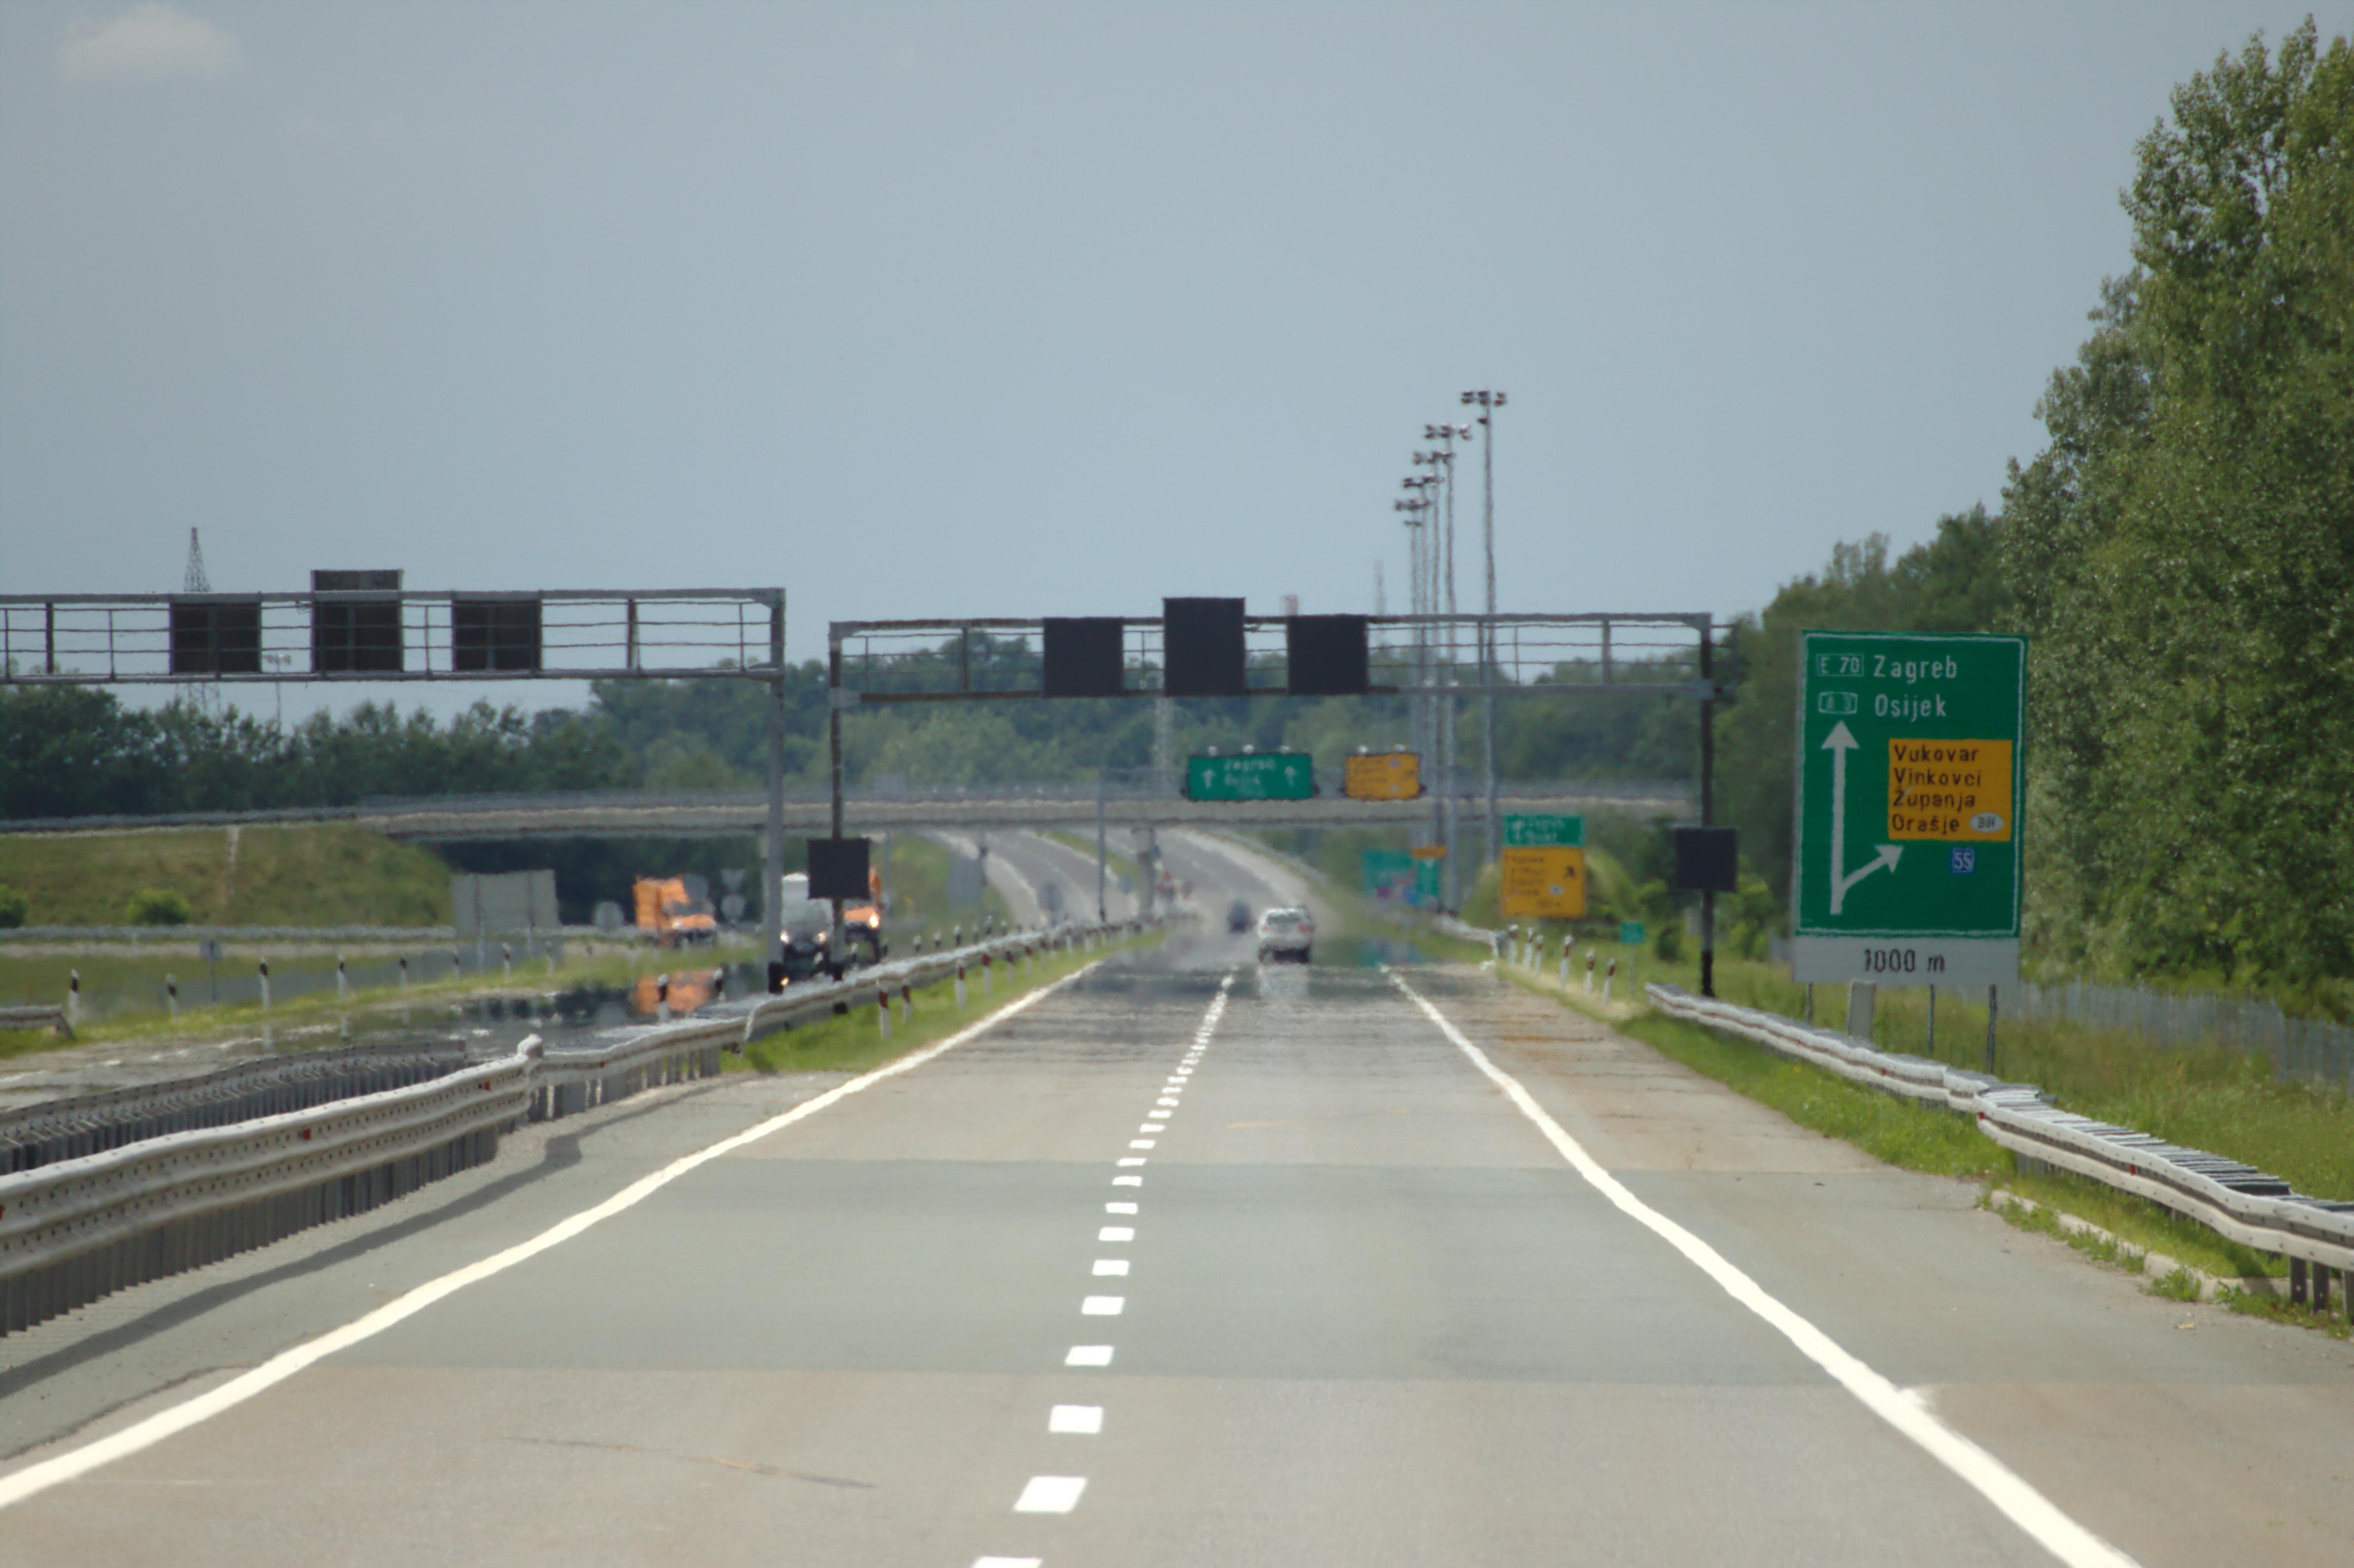 Filežupanja Dálnice Záhřeb Lipovacjpg Wikimedia Commons